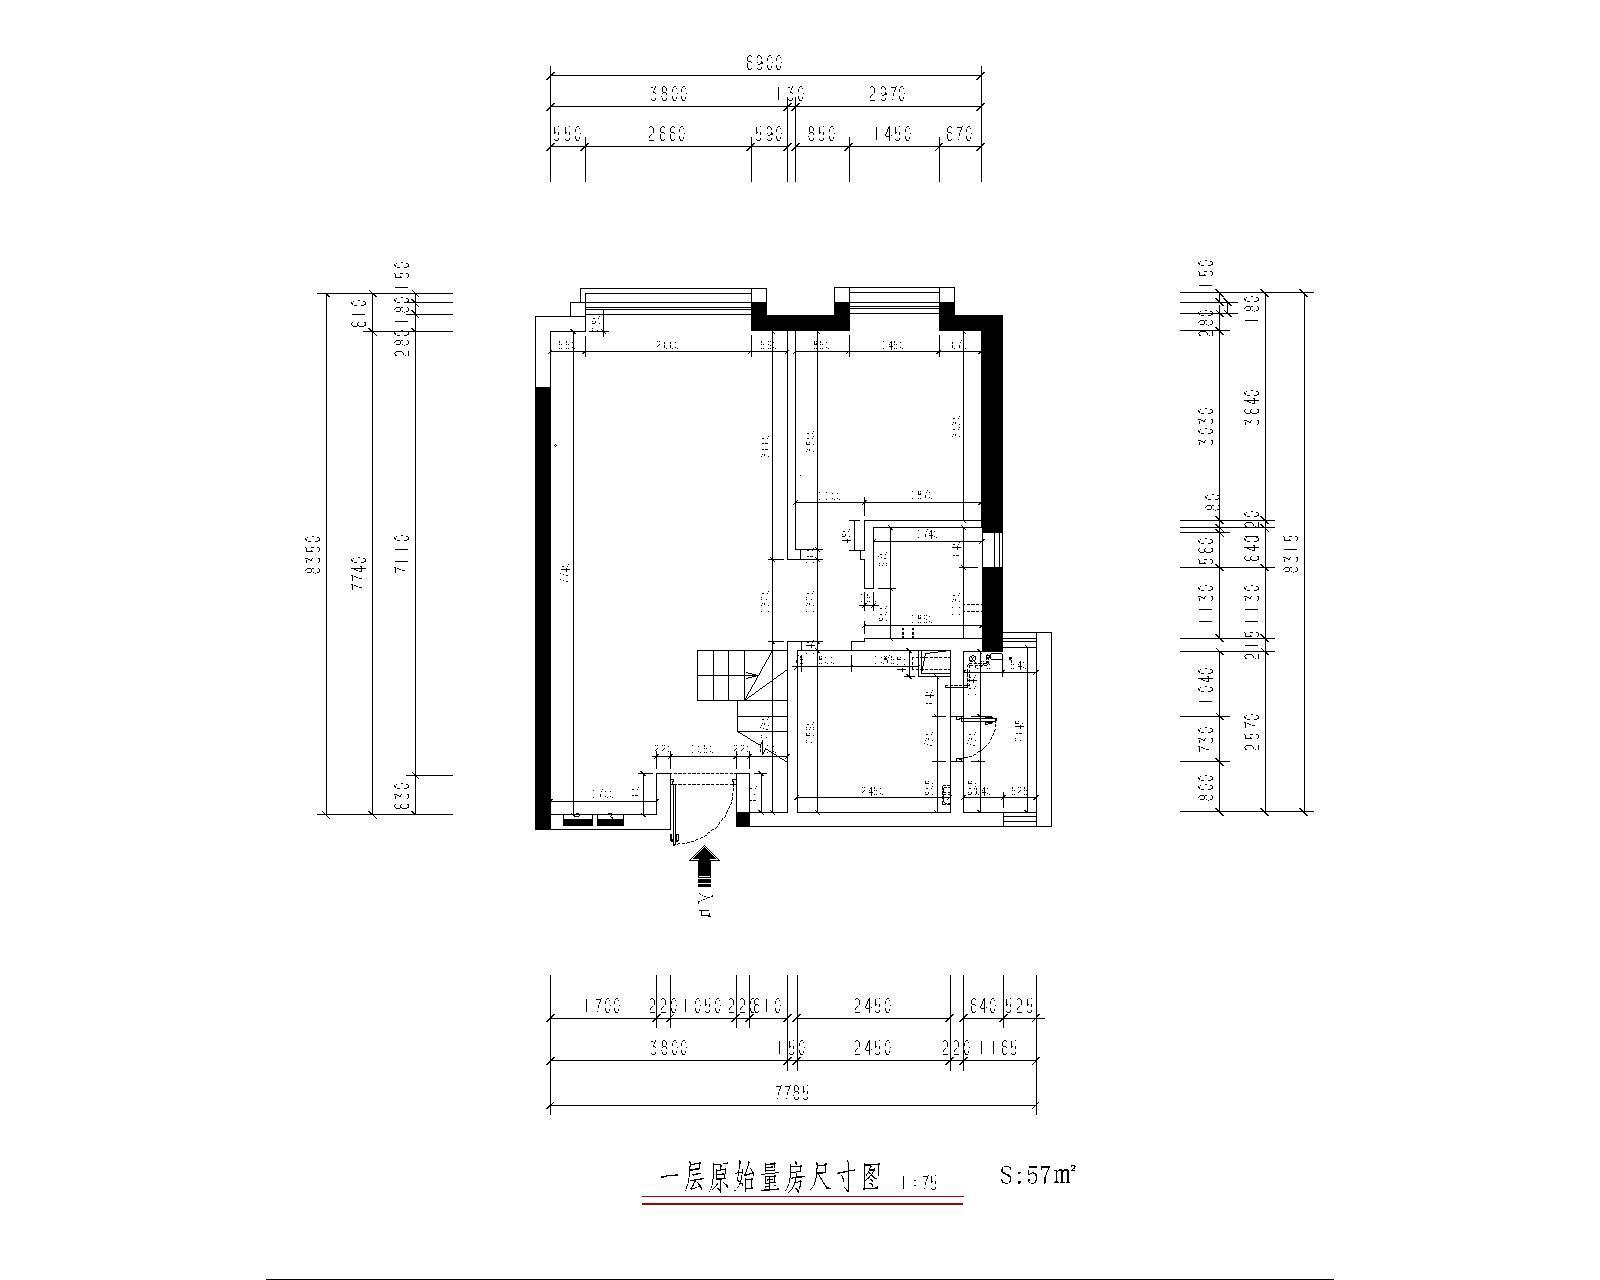 昆明山海湾140平米三室两厅北欧风格装修效果图装修设计理念